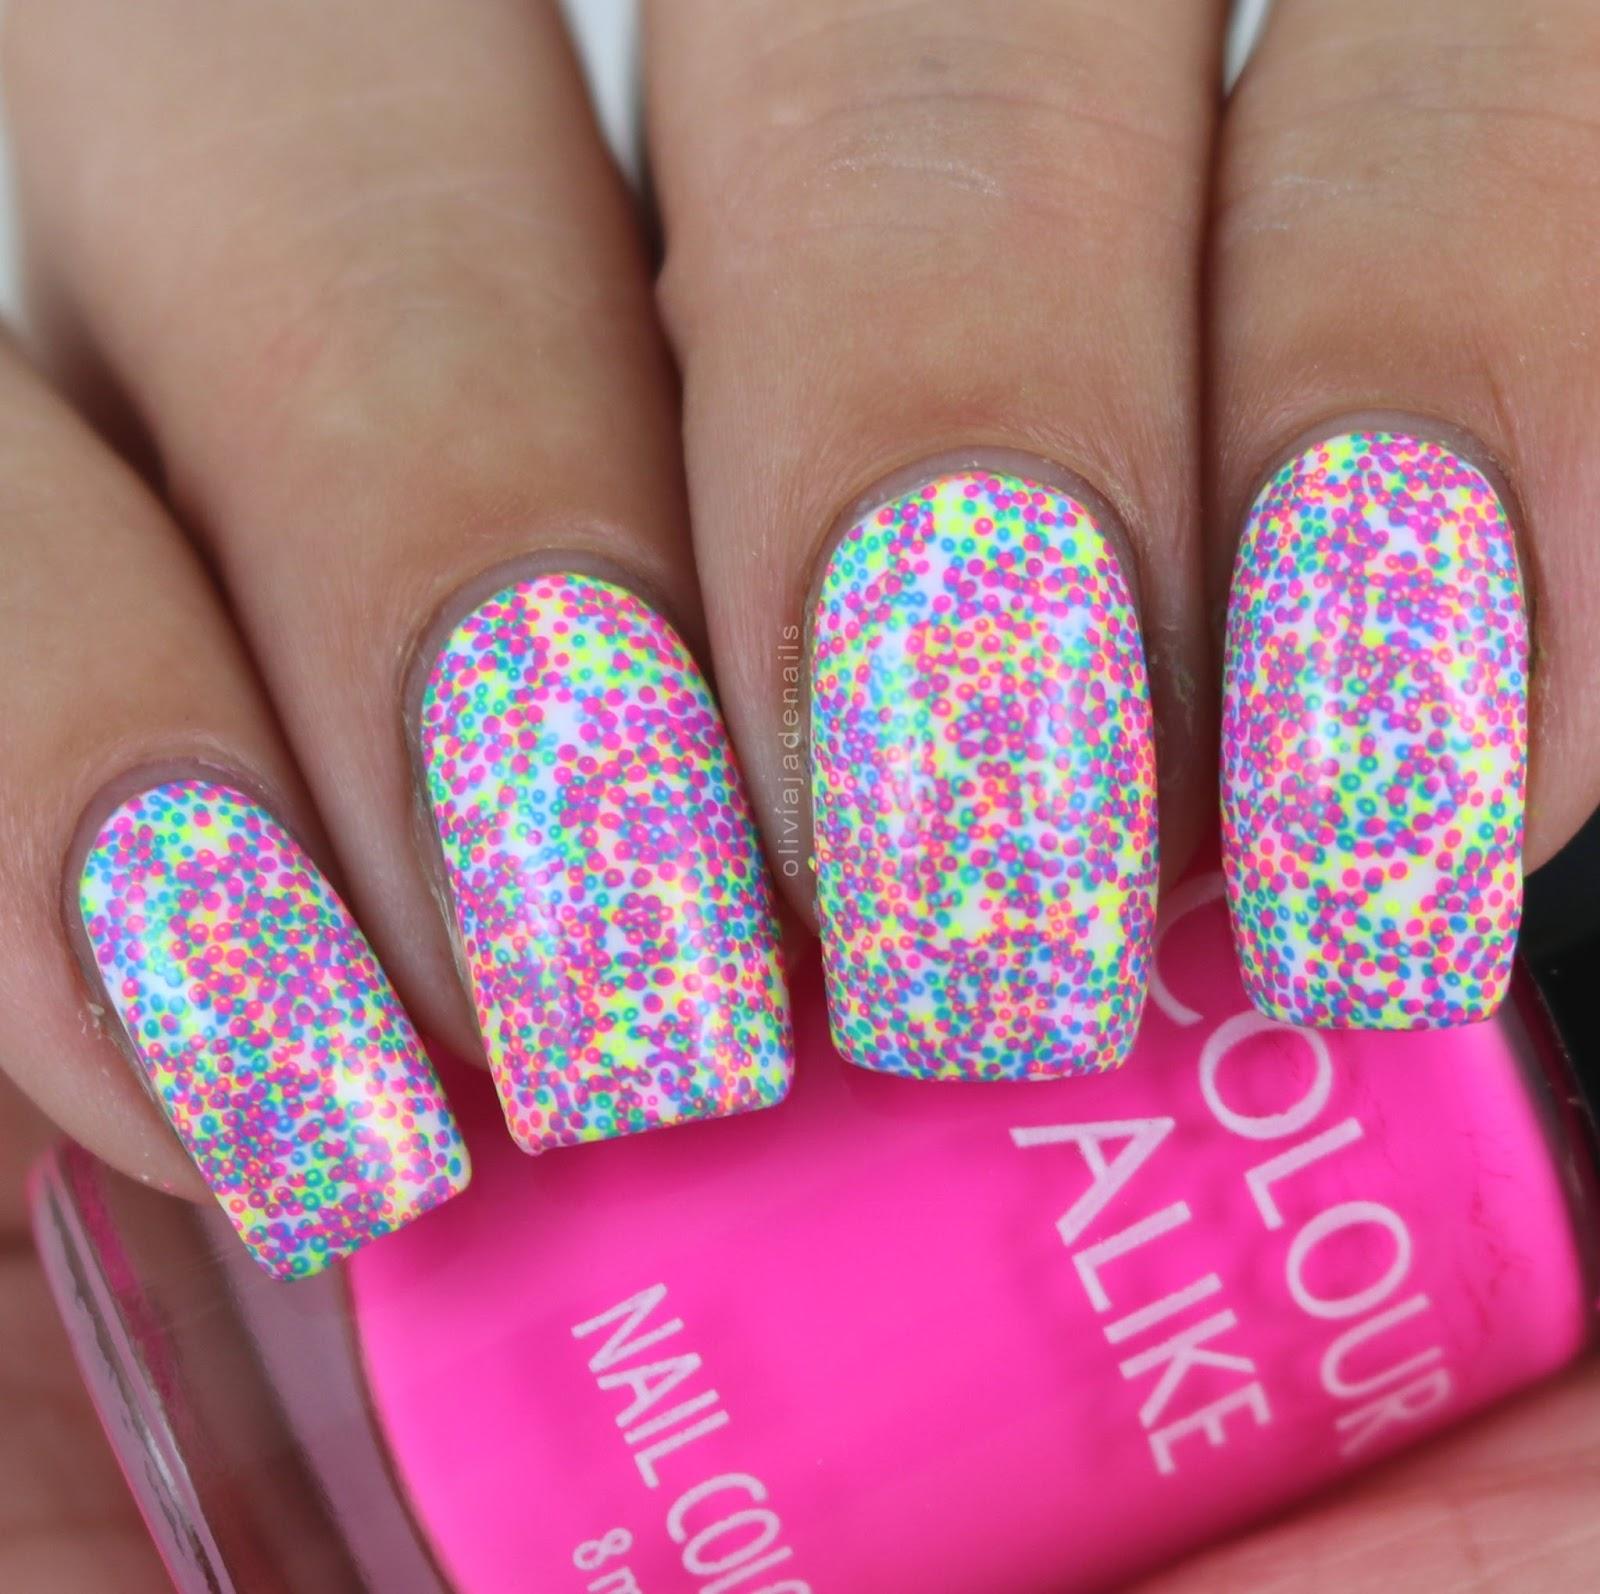 Olivia Jade Nails Lina Nail Art Supplies Make Your Mark 03 Stamping